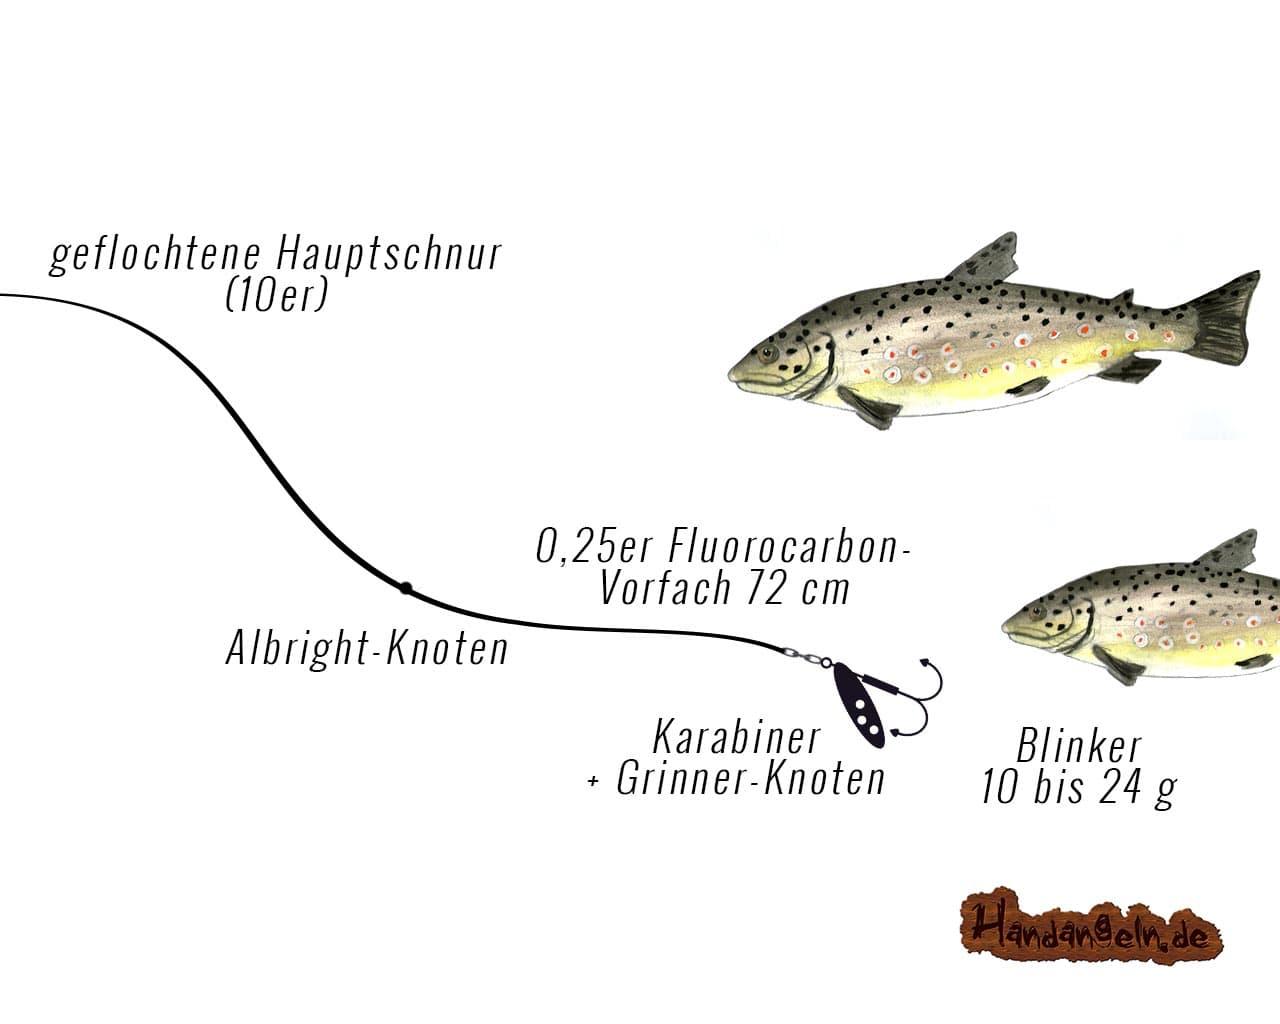 grafische Darstellung Spinnfischen Montage Forelle